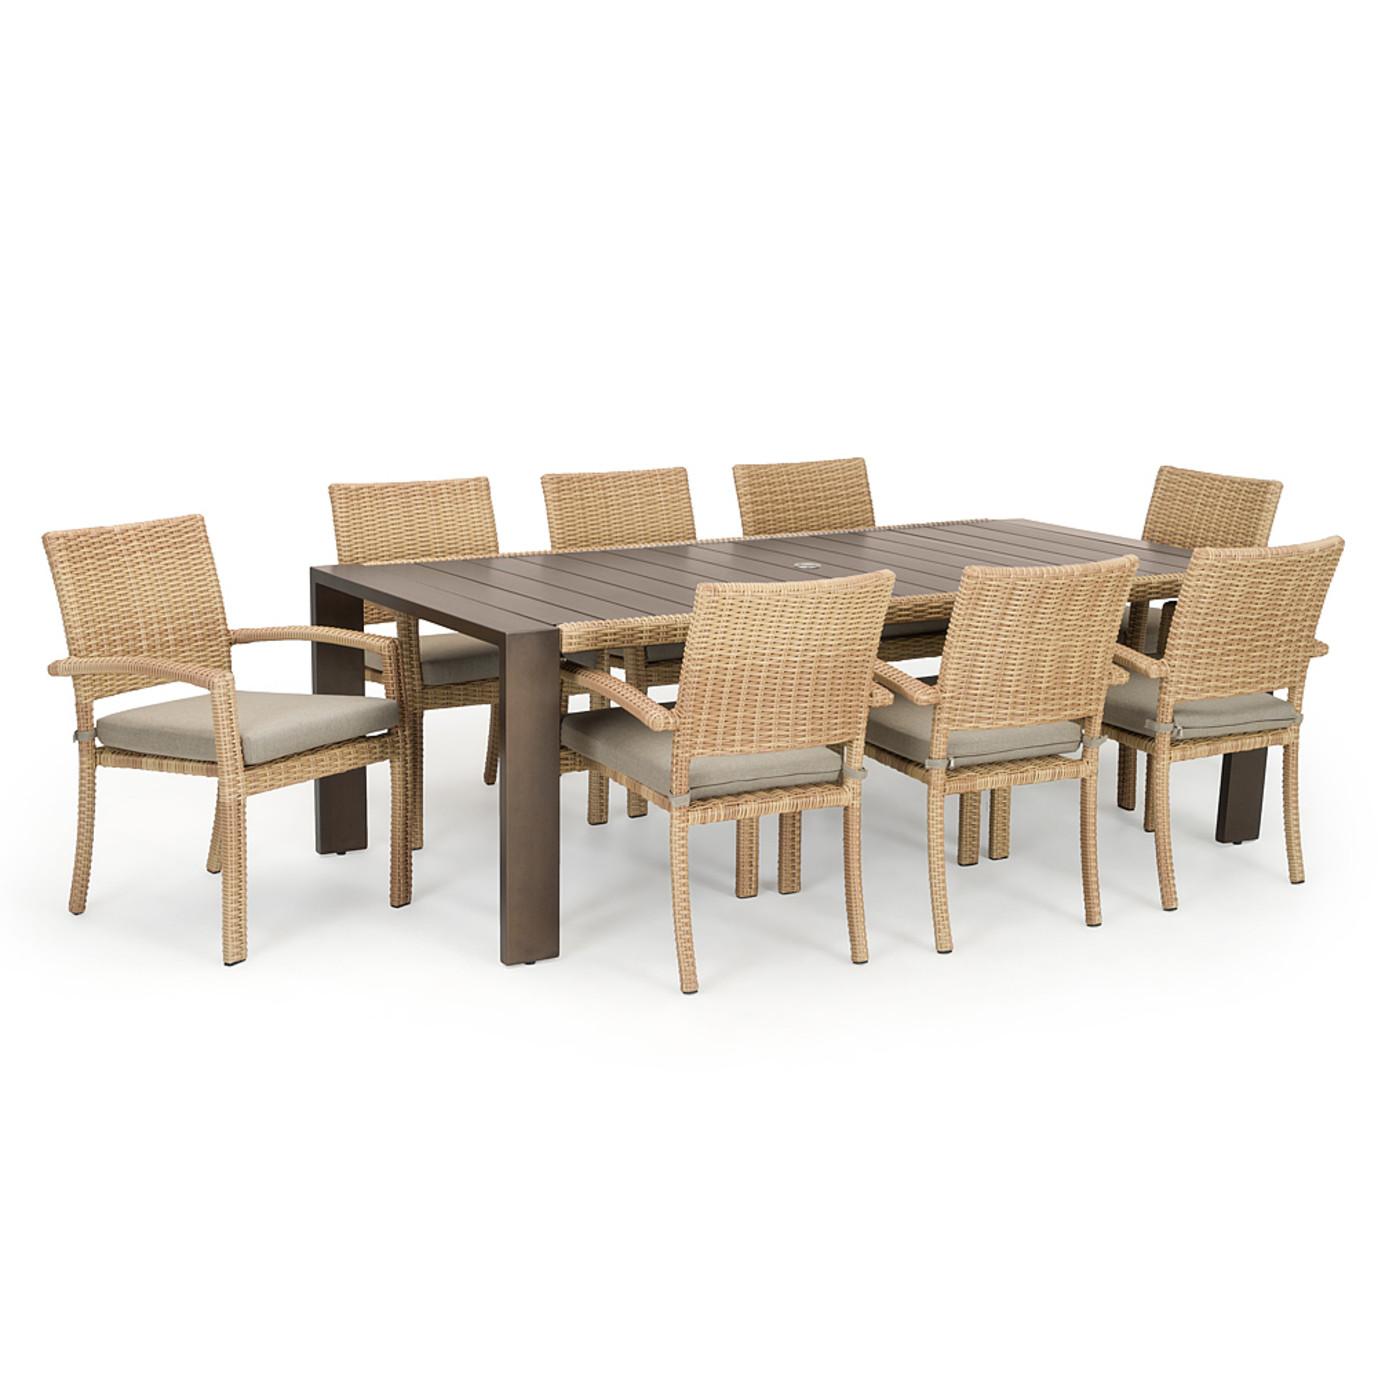 Portofino® Prestige 9pc Dining Set - Sand